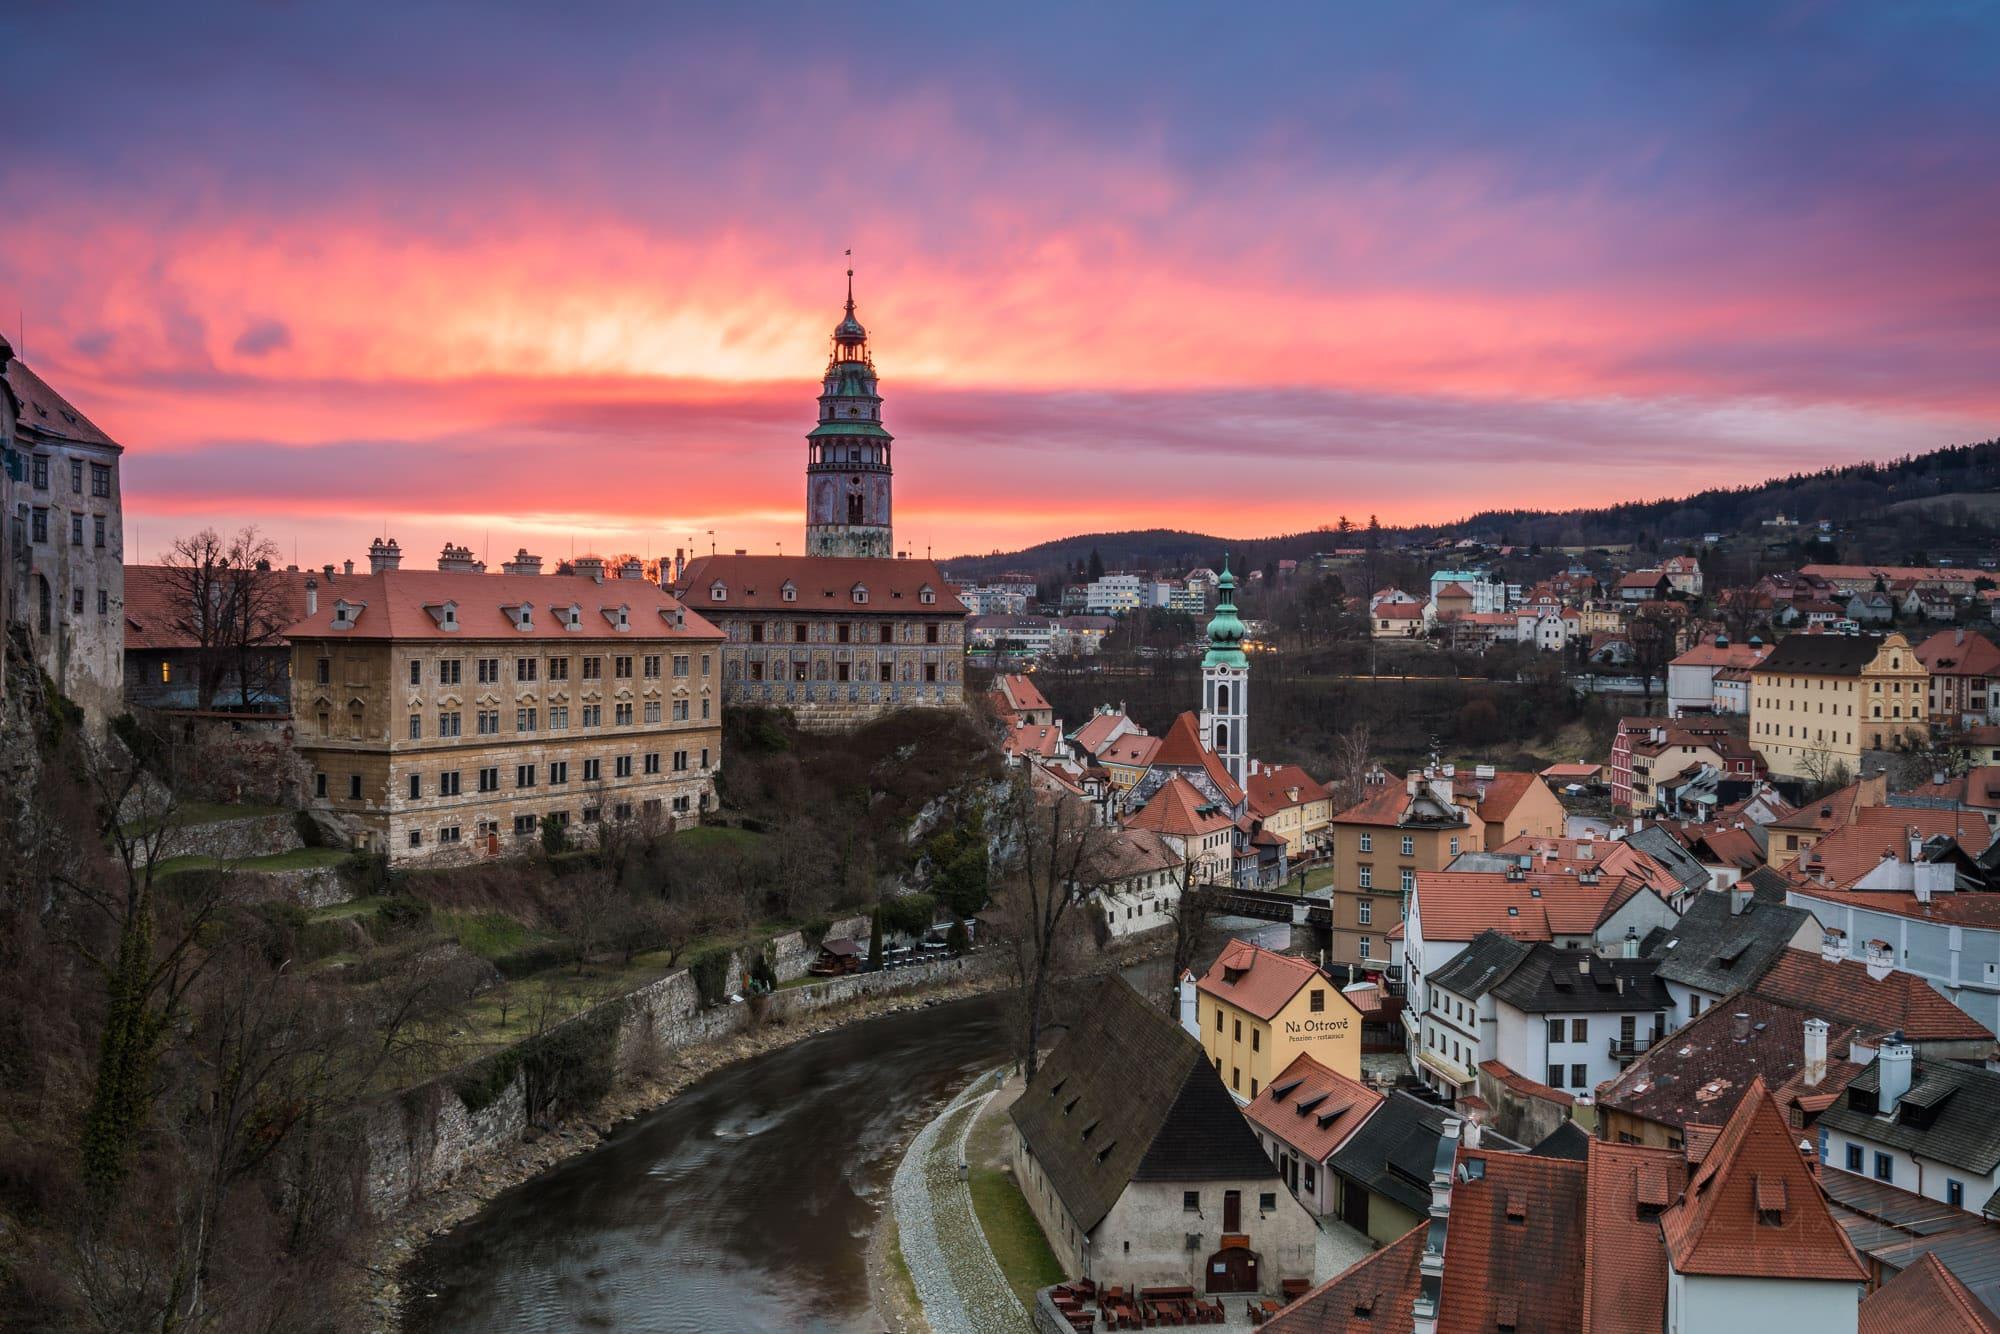 Chateau Cesky Krumlov at sunrise